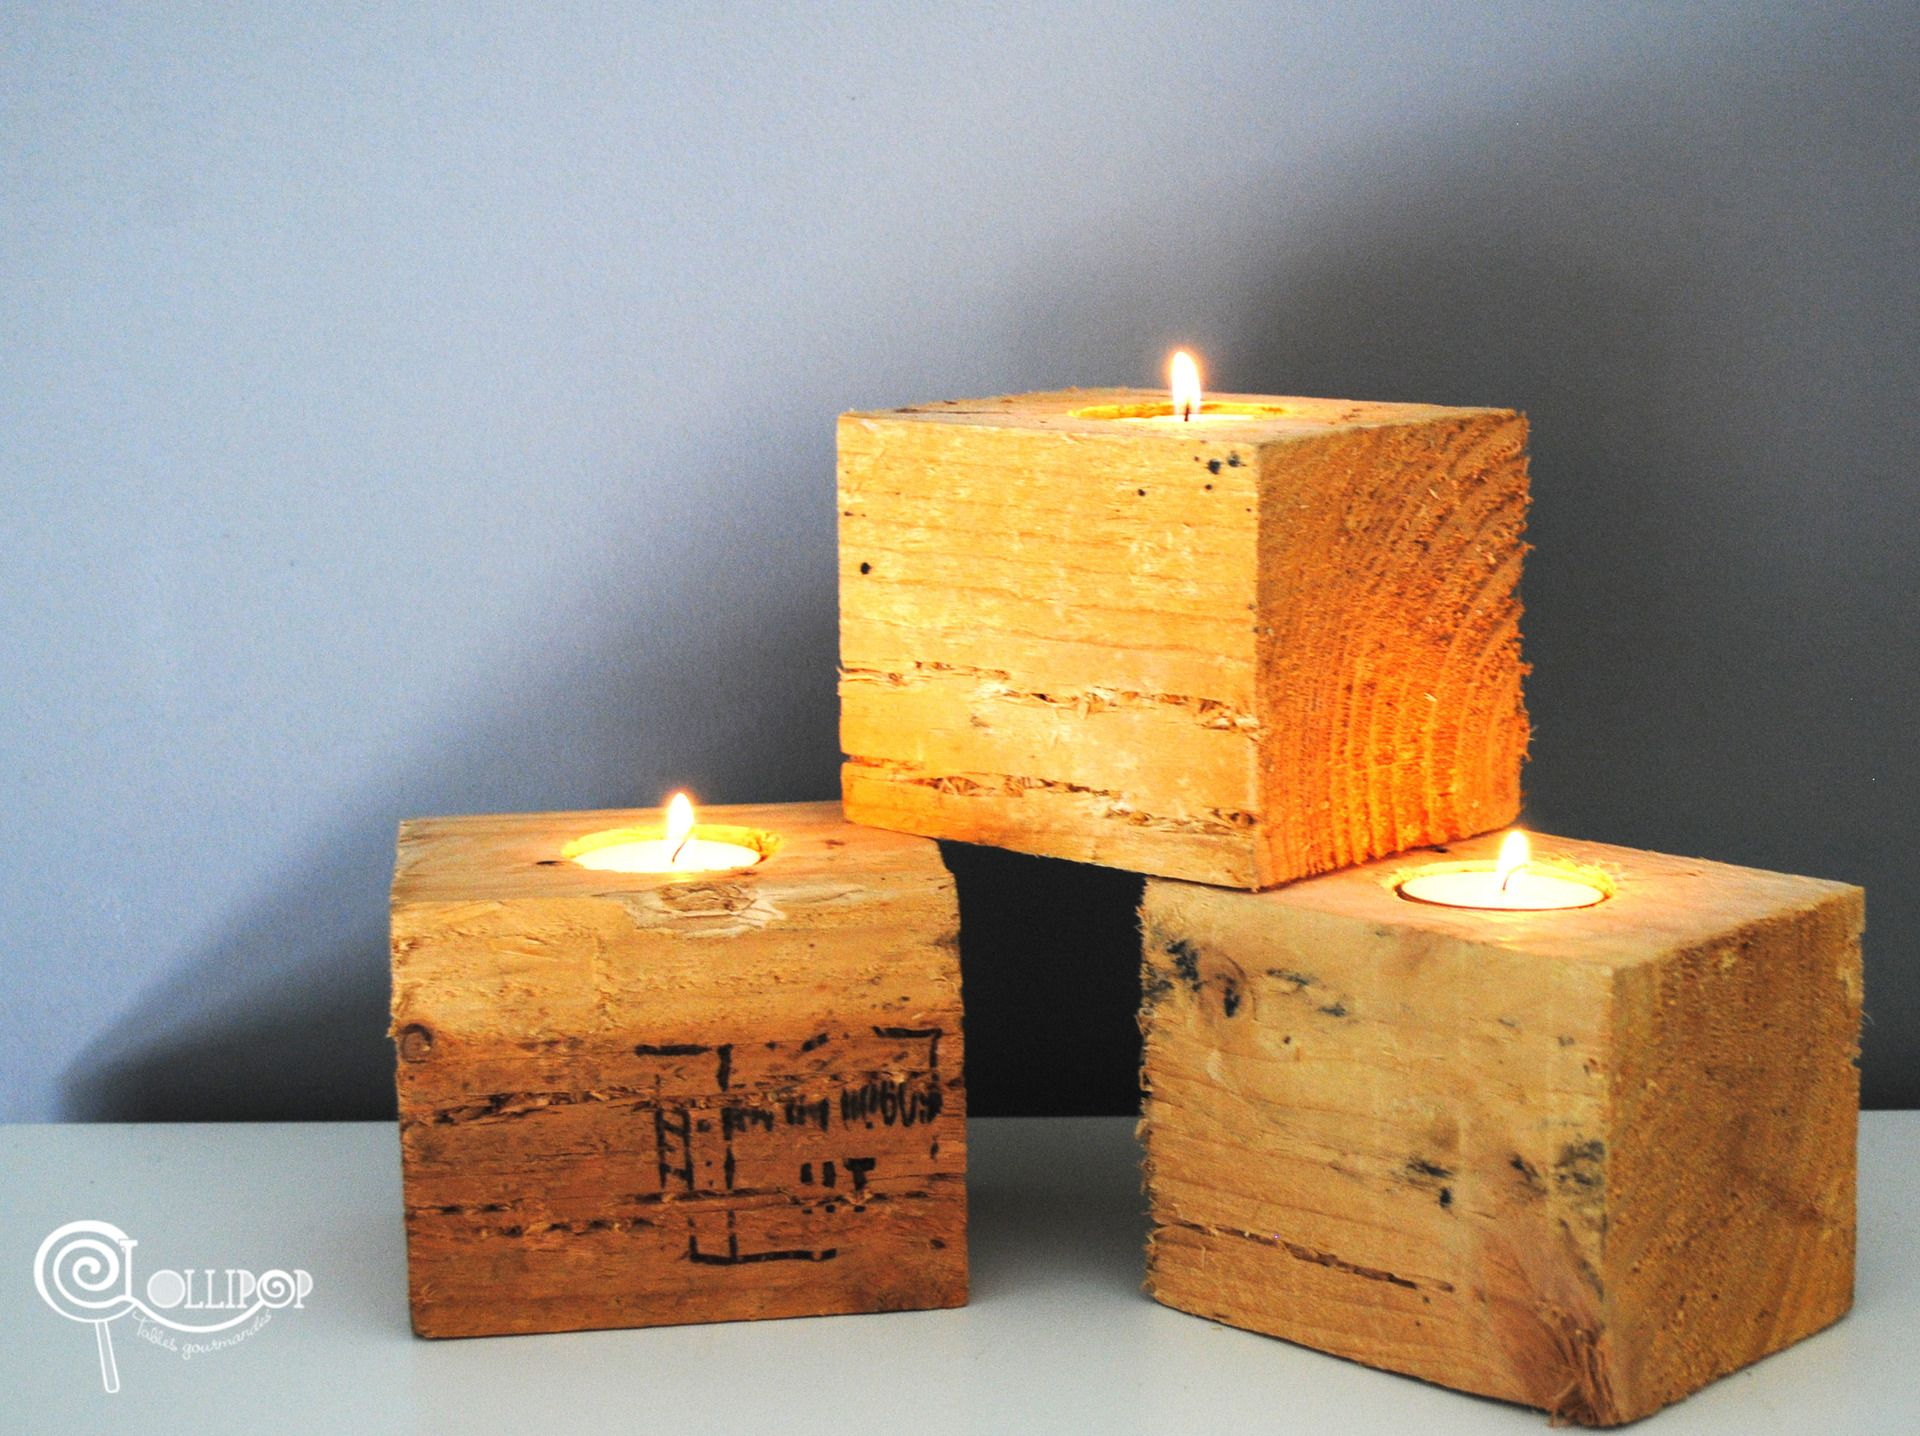 Porte bougie en bois de palette et sa bougie luminaires for Porte bougie bois flotte